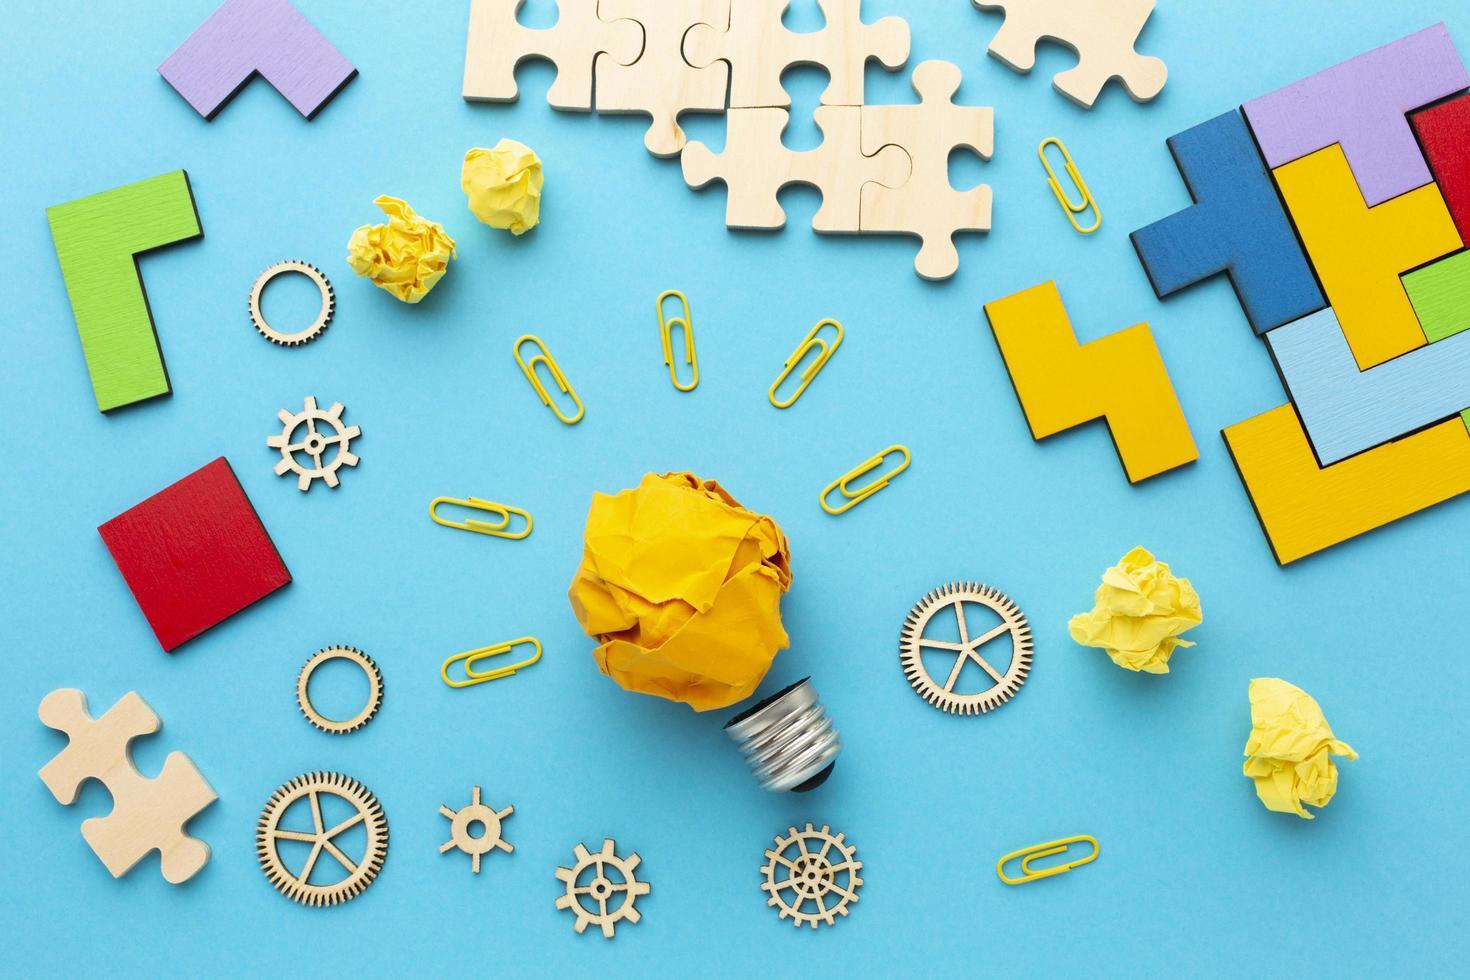 Ideenkonzept mit Rätseln und Werkzeugen foto